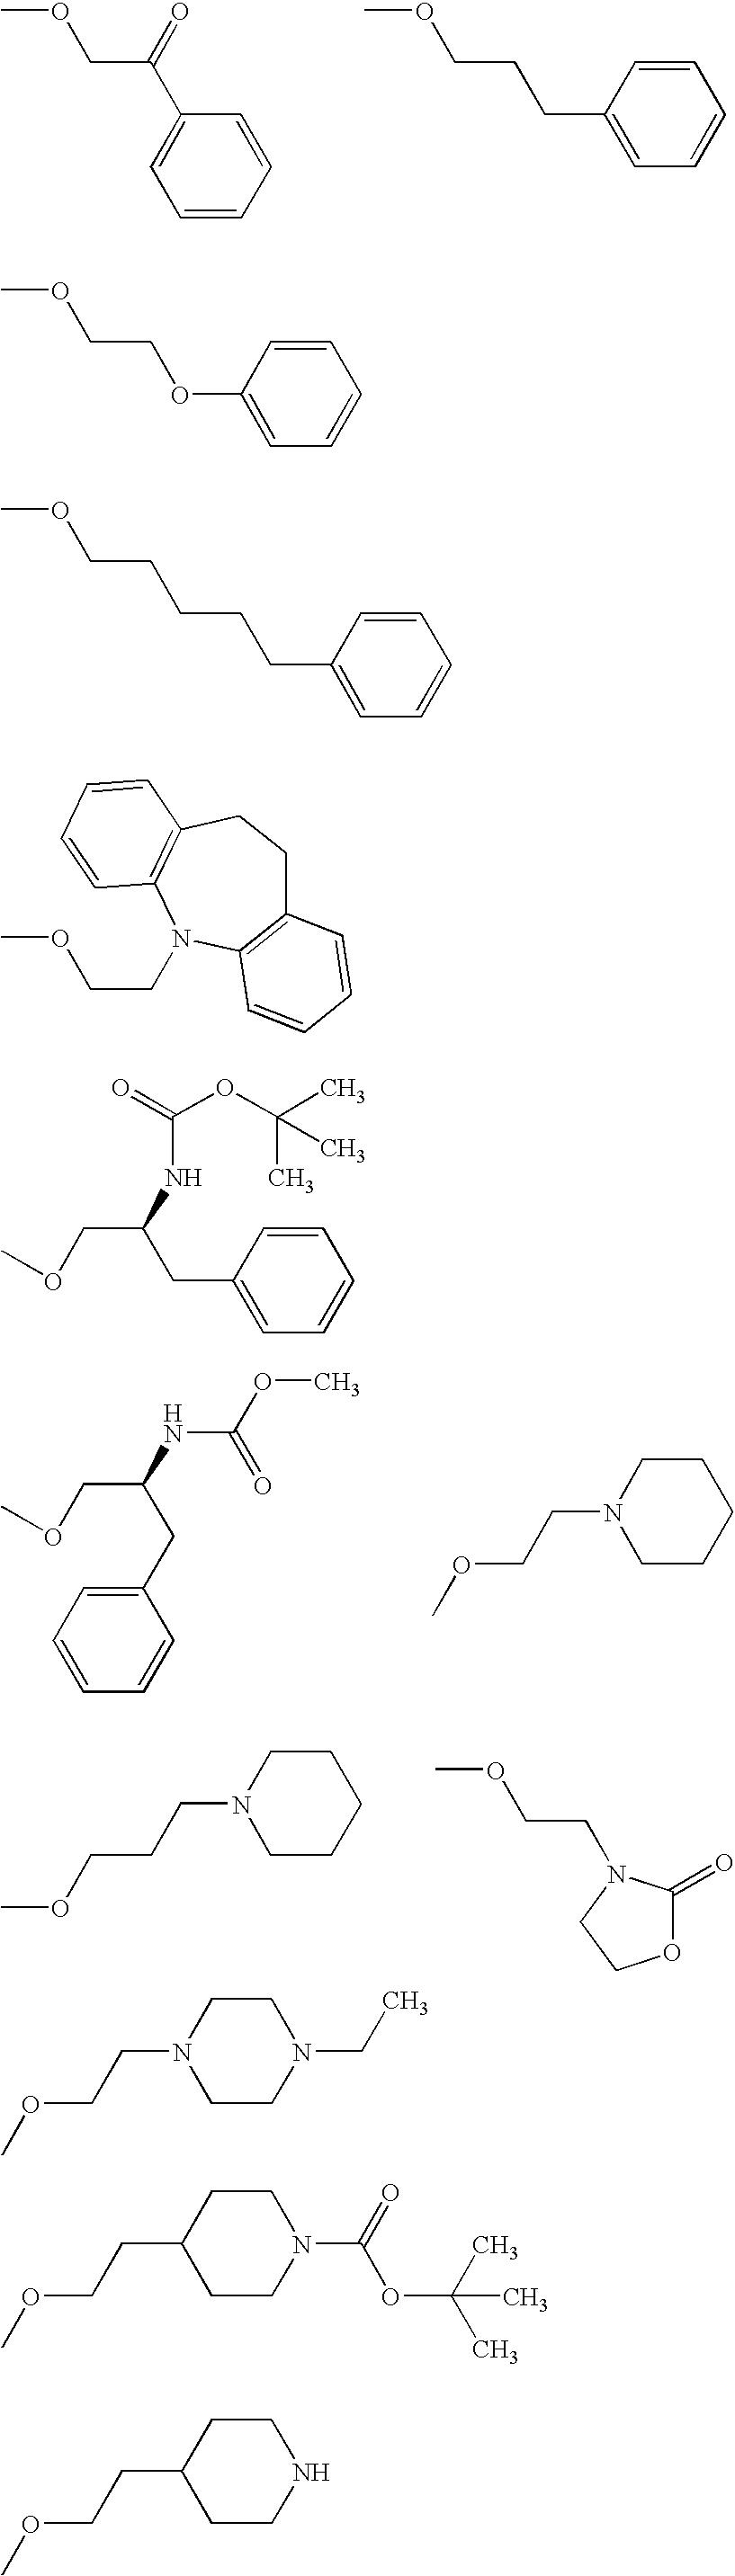 Figure US20070049593A1-20070301-C00222